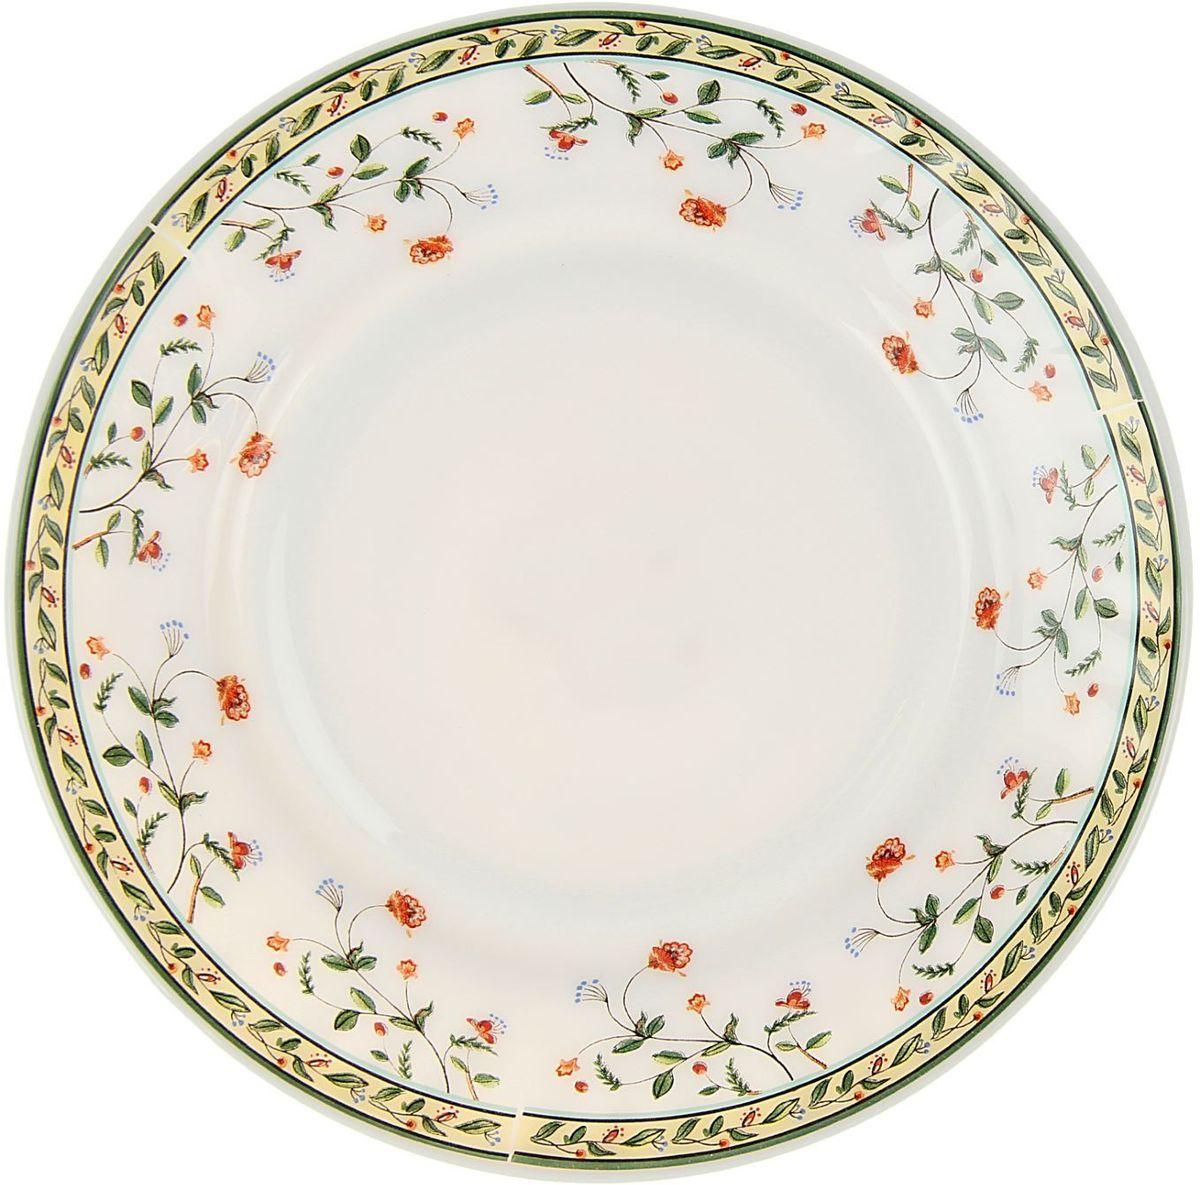 Тарелка десертная Винтаж, диаметр 17,5 см1546291Десертная тарелка Винтаж выполнена з керамики. Ее можно использовать и для приготовления пищи, и для безопасного хранения любых готовых блюд. Ударопрочна и травмобезопасна. Термическое стекло – очень прочный материал, который не поддается механическим нагрузкам, не бьется, не колется и не трескается.Тарелка термически устойчива (жаропрочна). Посуда не деформируется при нагреве и подходит для СВЧ-печей.Химически инертна. Стеклянные поверхности посуды совершенно нечувствительны к воздействию моющих и чистящих средств.Экологически и гигиенически безопасна. Стеклокерамика – исключительно «чистый» материал, не выделяющий вредных летучих соединений даже при сильном нагреве, не впитывает запахов и не передает их хранящейся или готовящейся пище.Удобна в уходе. Моется обычной теплой водой, не формирует накипь и нагар.Эстетически привлекательна. Прозрачное, матовое и тонированное термическое стекло имеет оригинальный вид, который сохраняется в любых технических условиях на долгие годы.